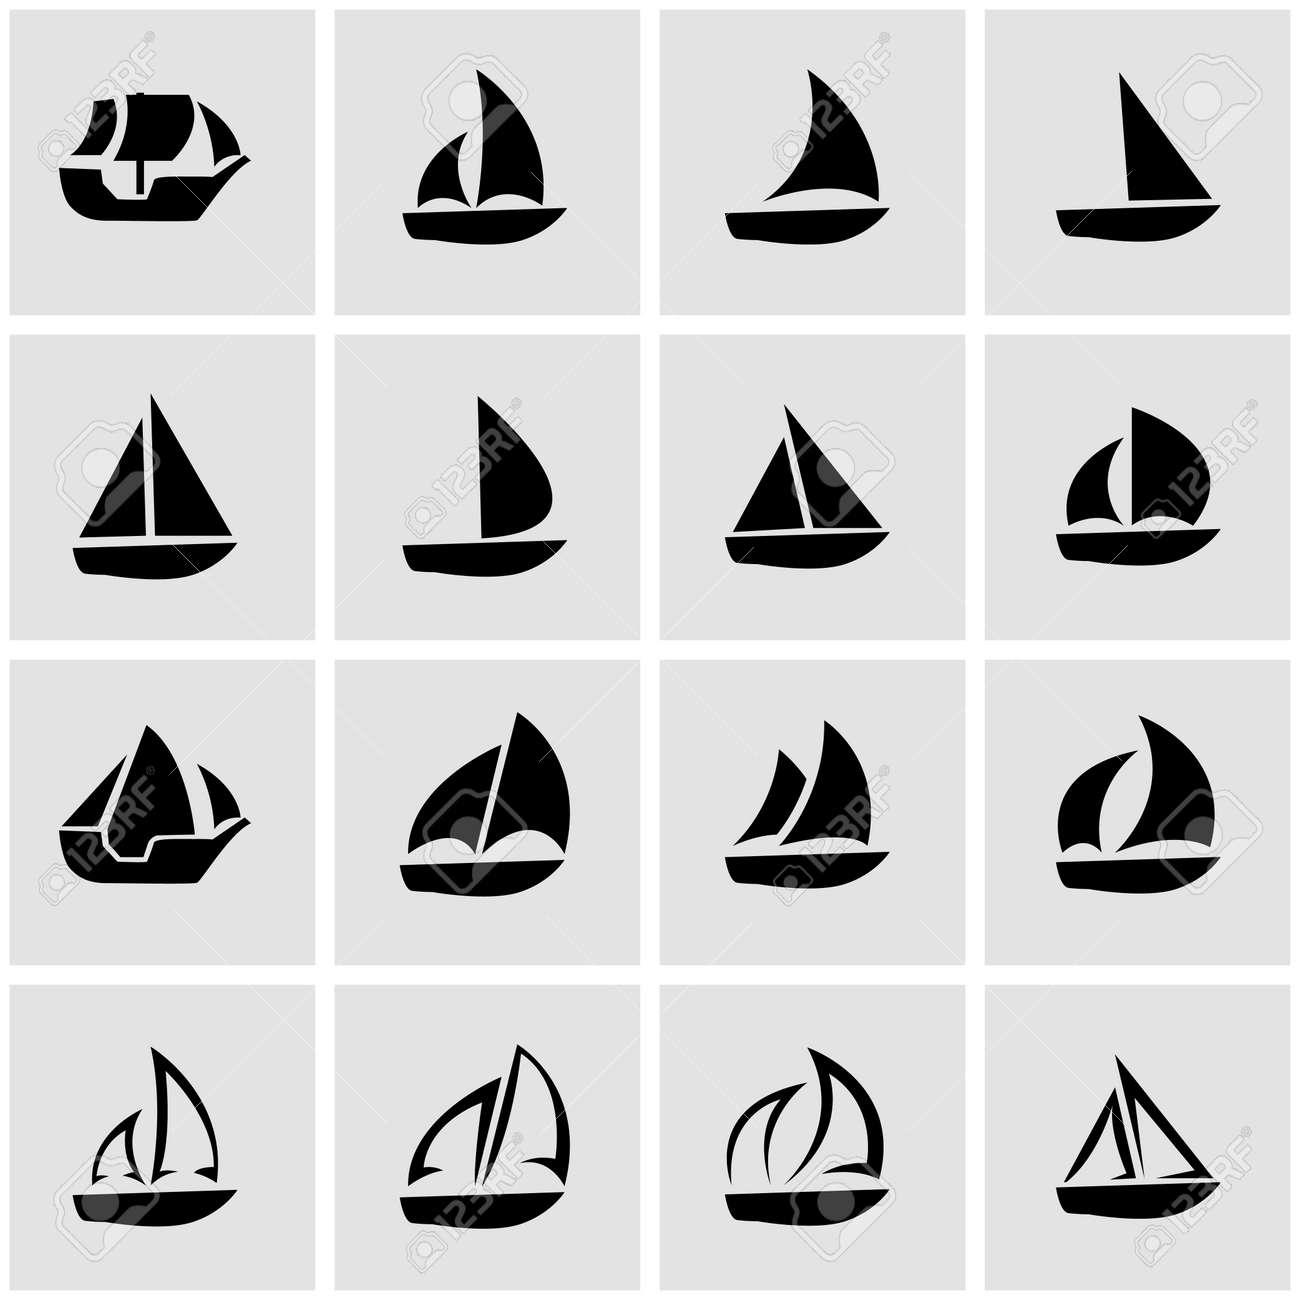 Segelboot zeichnung schwarz  Schwarz-Segelboot-Symbol Auf Grauem Hintergrund Lizenzfrei ...